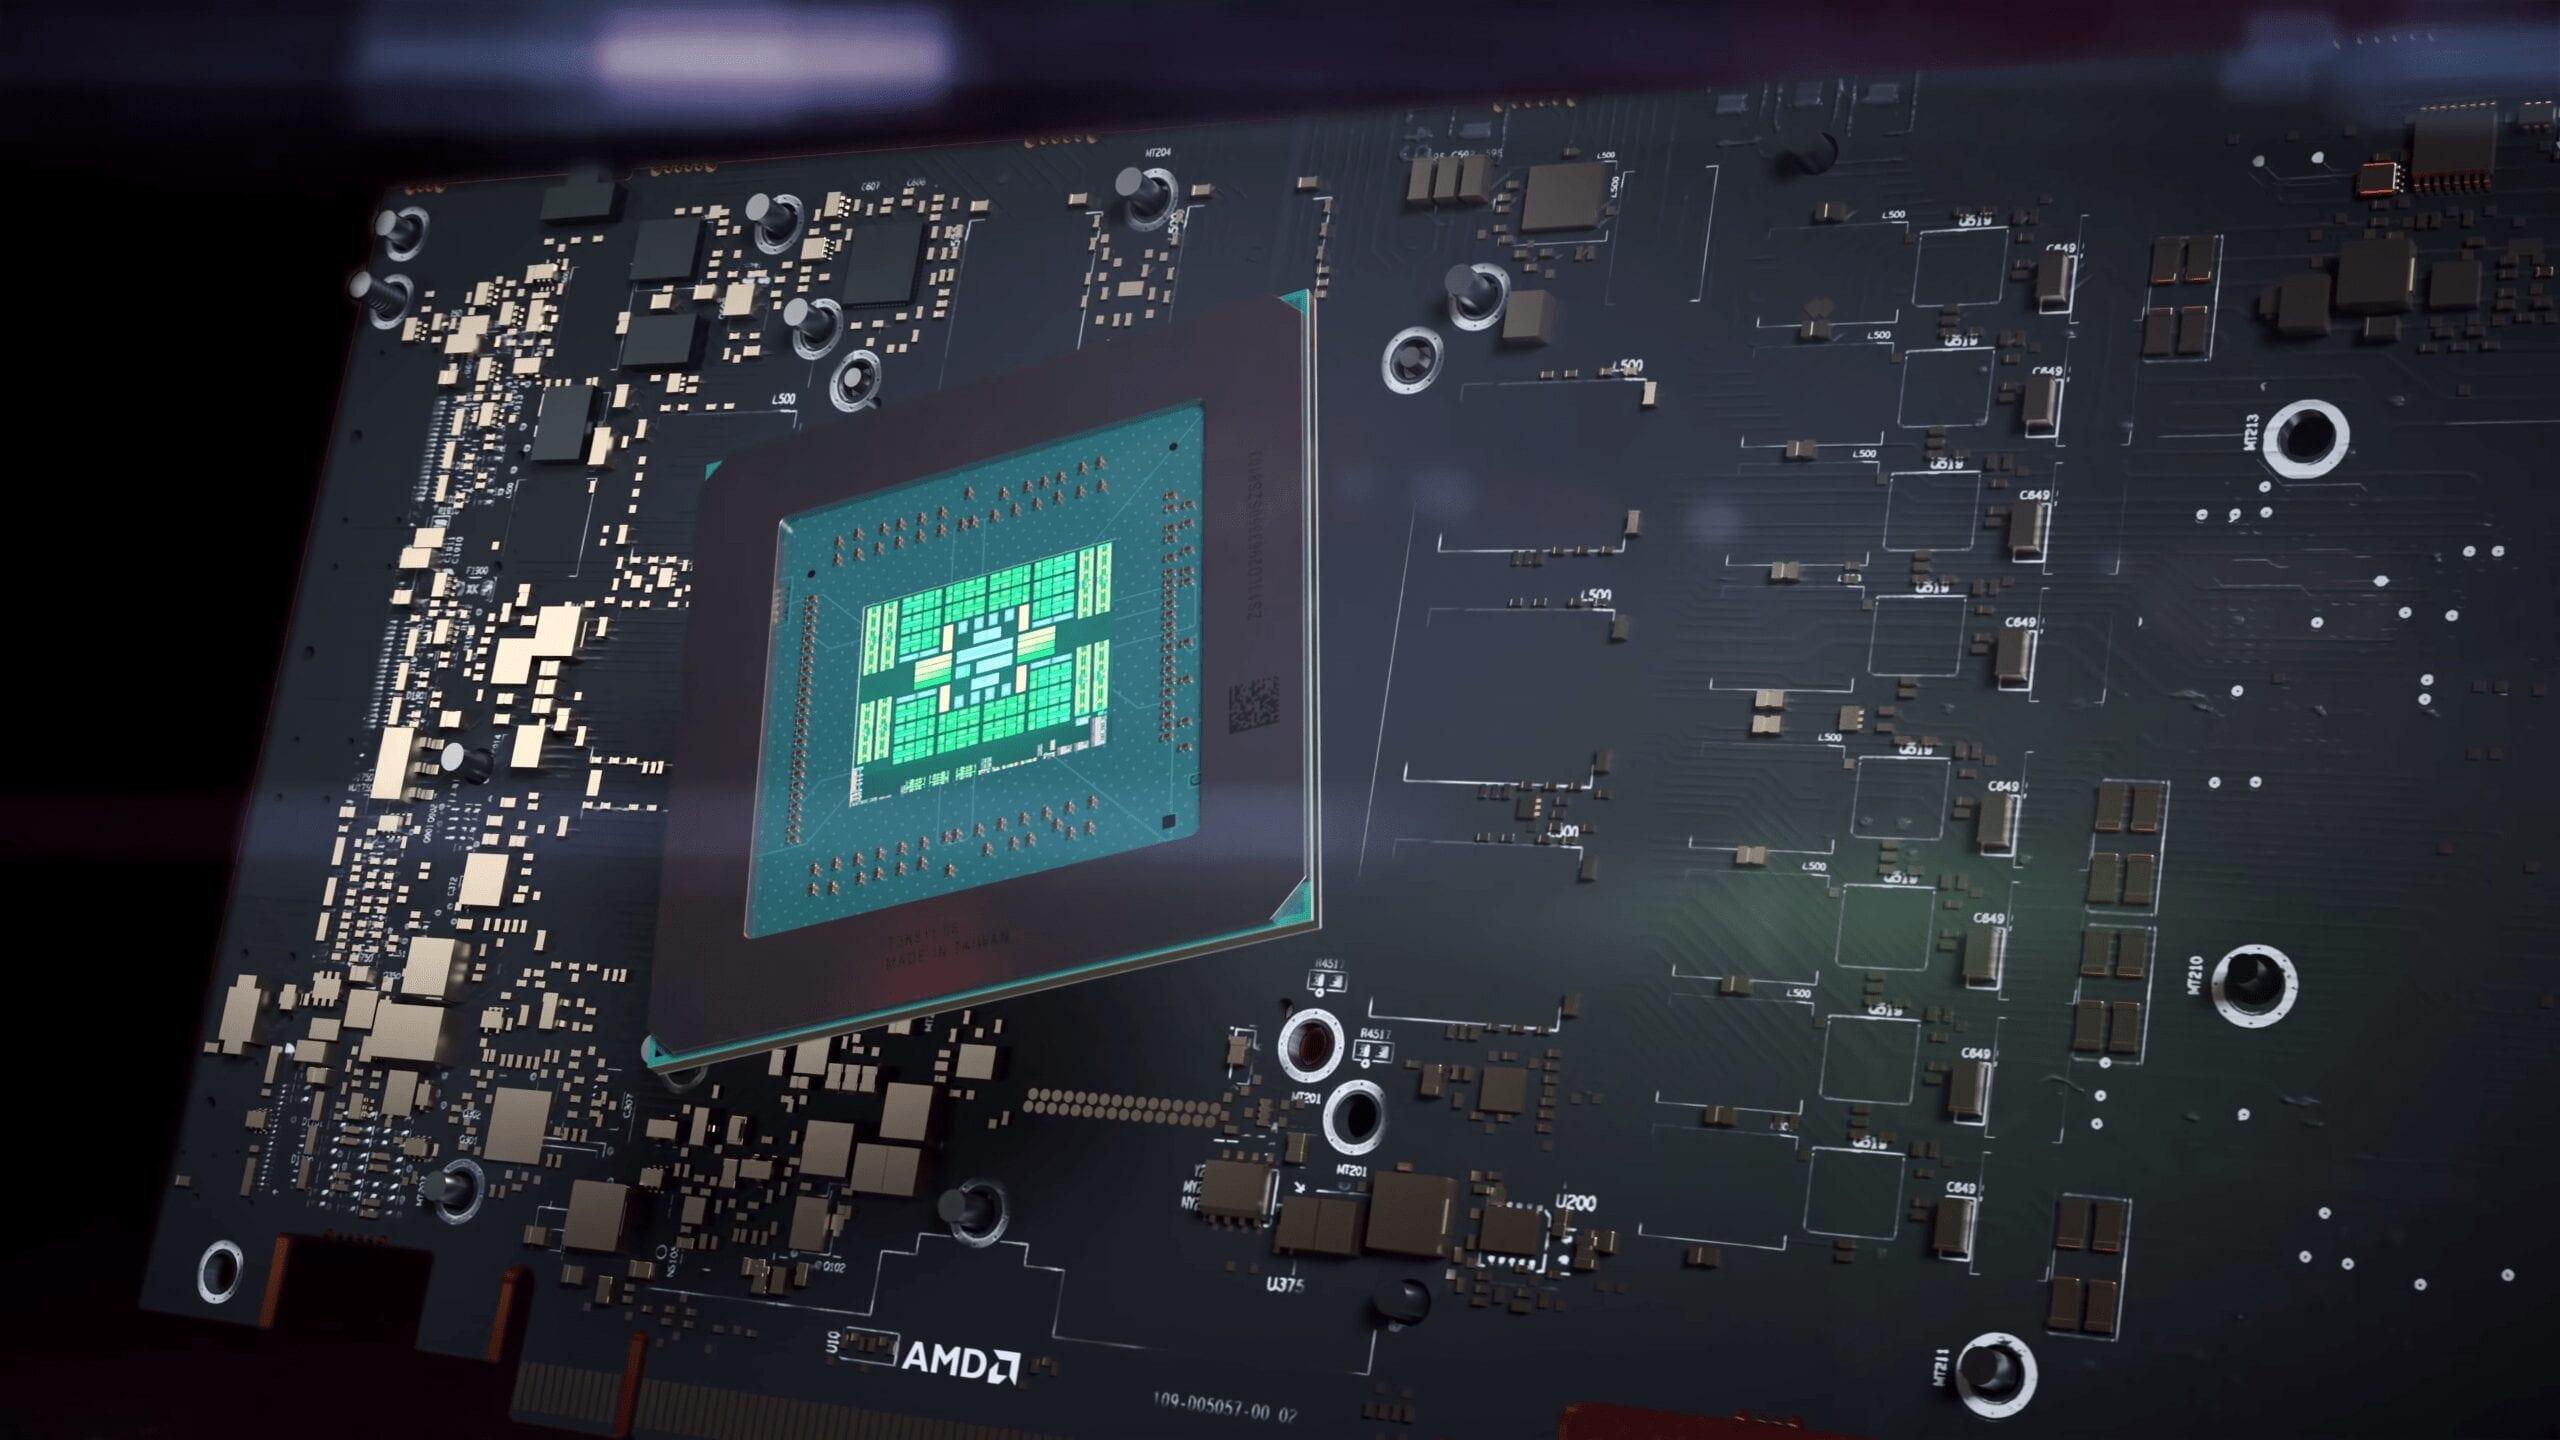 Слухи: AMD представит видеокарты основанные на архитектуре  RDNA2 на CES 2020